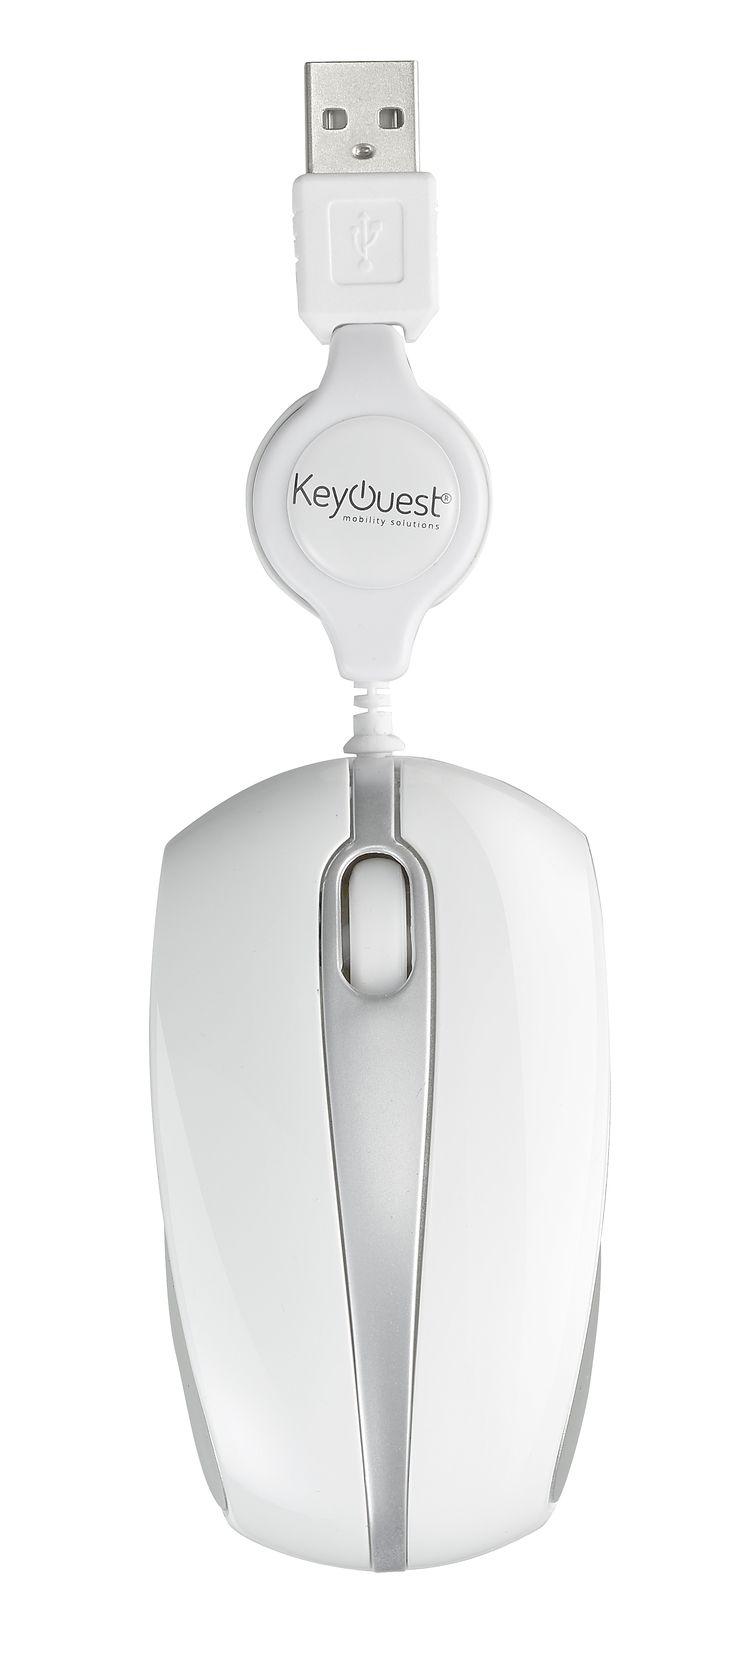 Mini souris filaire rétractable MOVE-IT Blanche - KeyOuest http://www.keyouest-mobility.com/produits/mini-souris-filaire-retractable-move-it-keyouest-2/